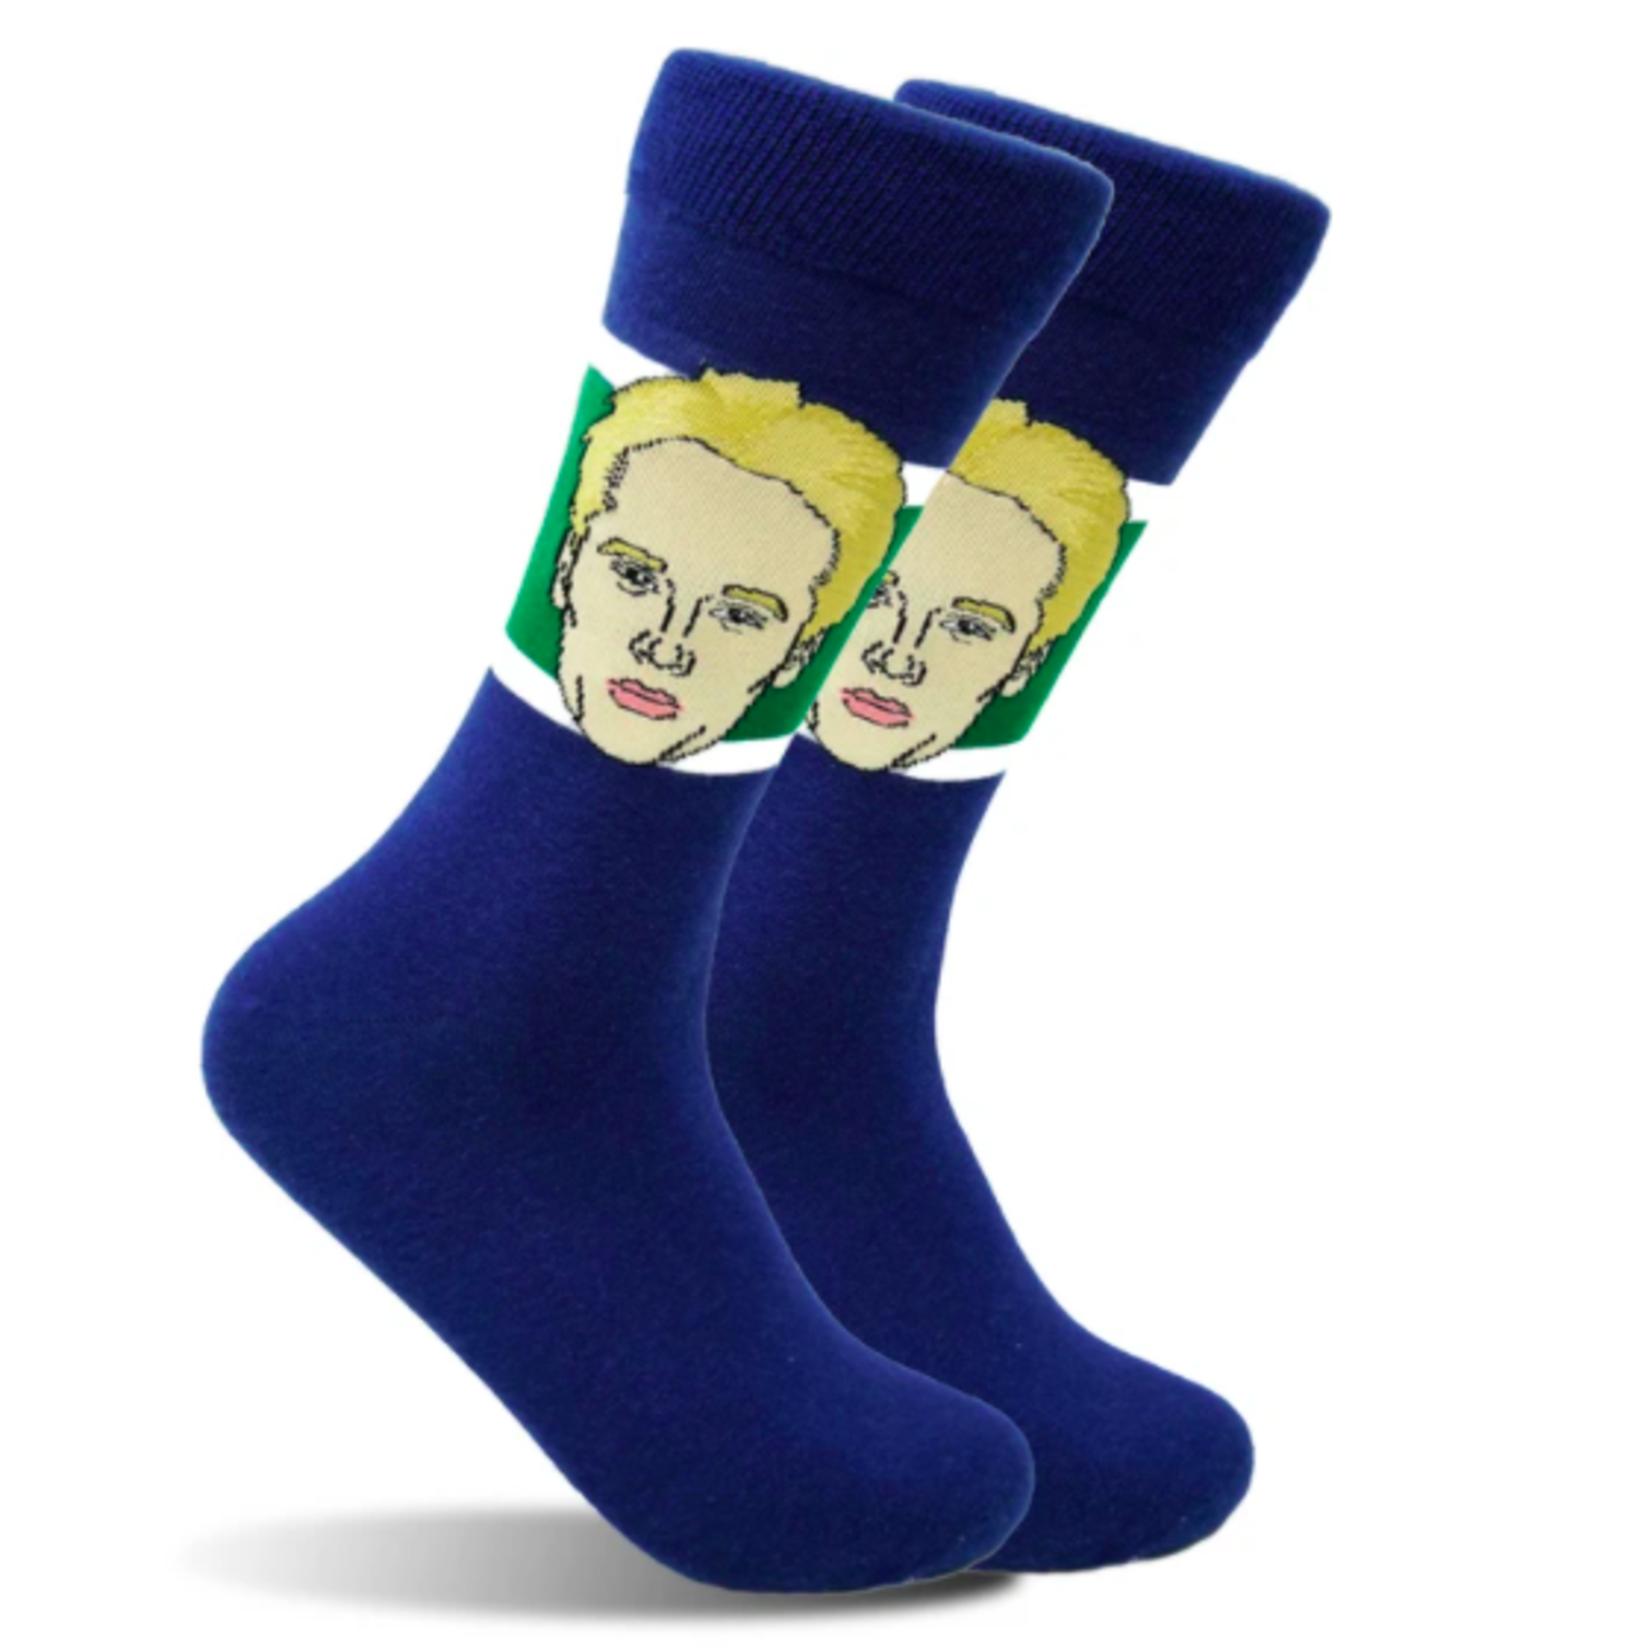 Major League Socks - Elias Pettersson